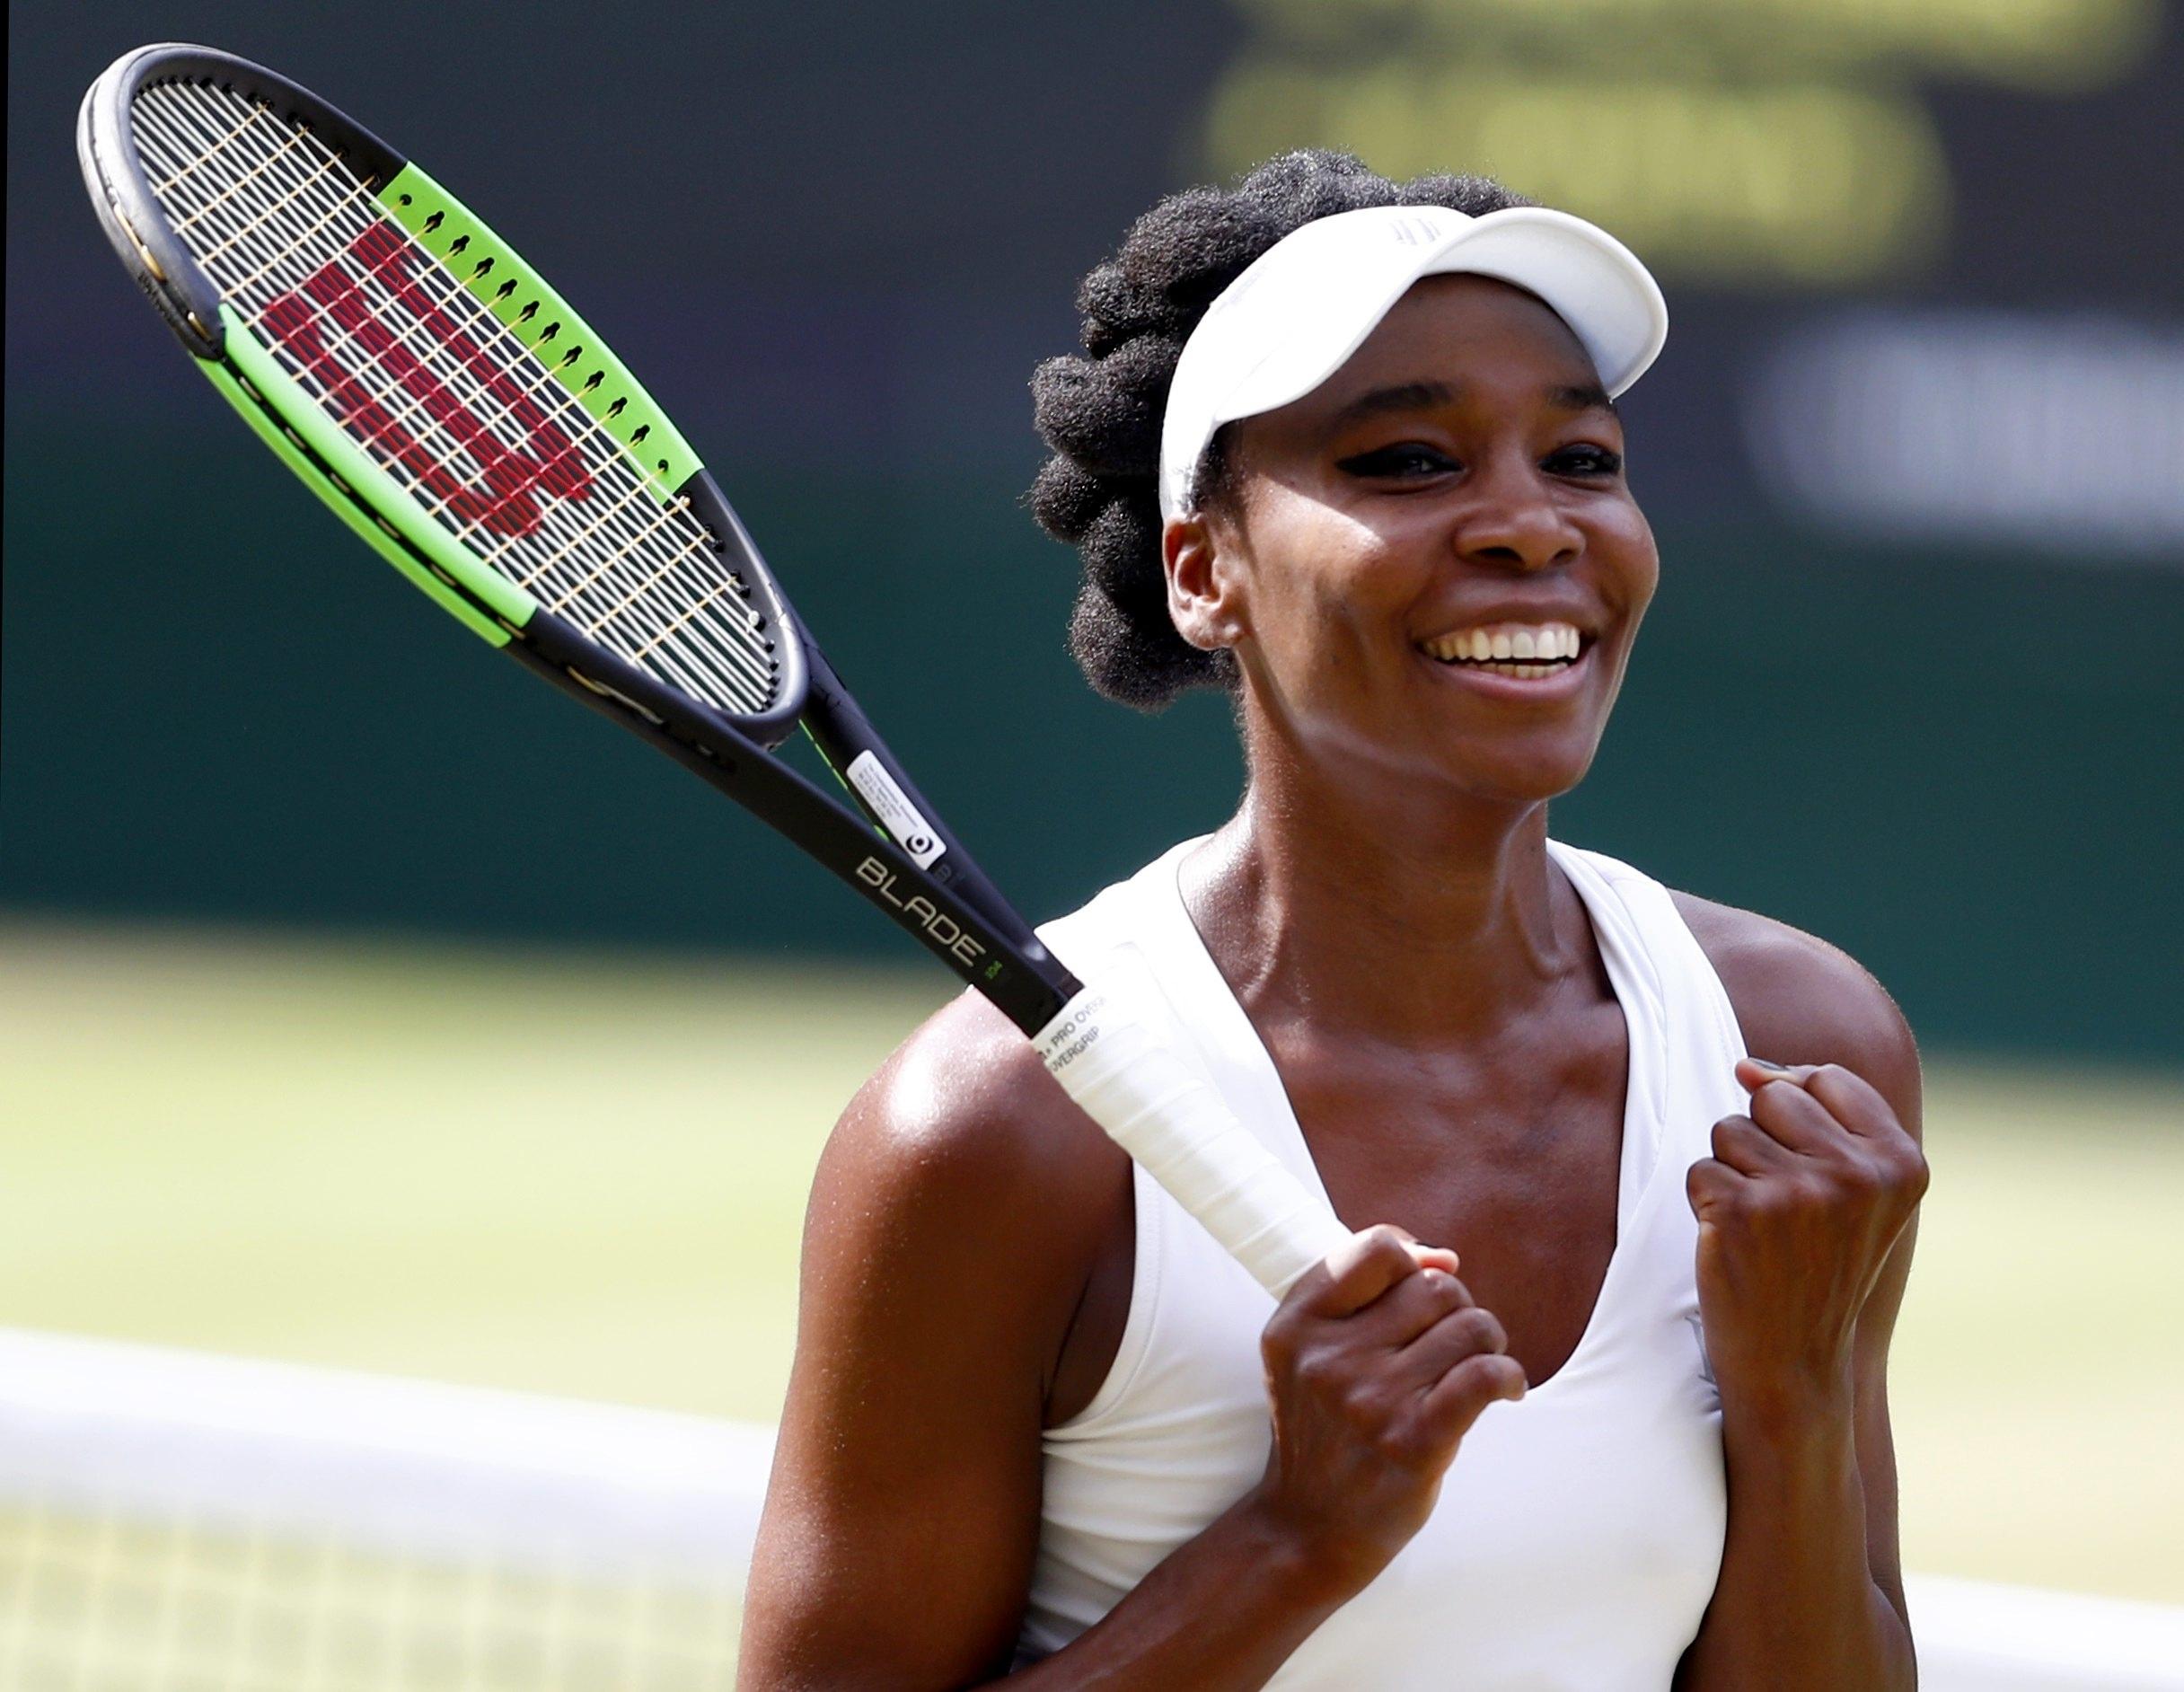 Venus e Muguruza fazem final histórica em Wimbledon